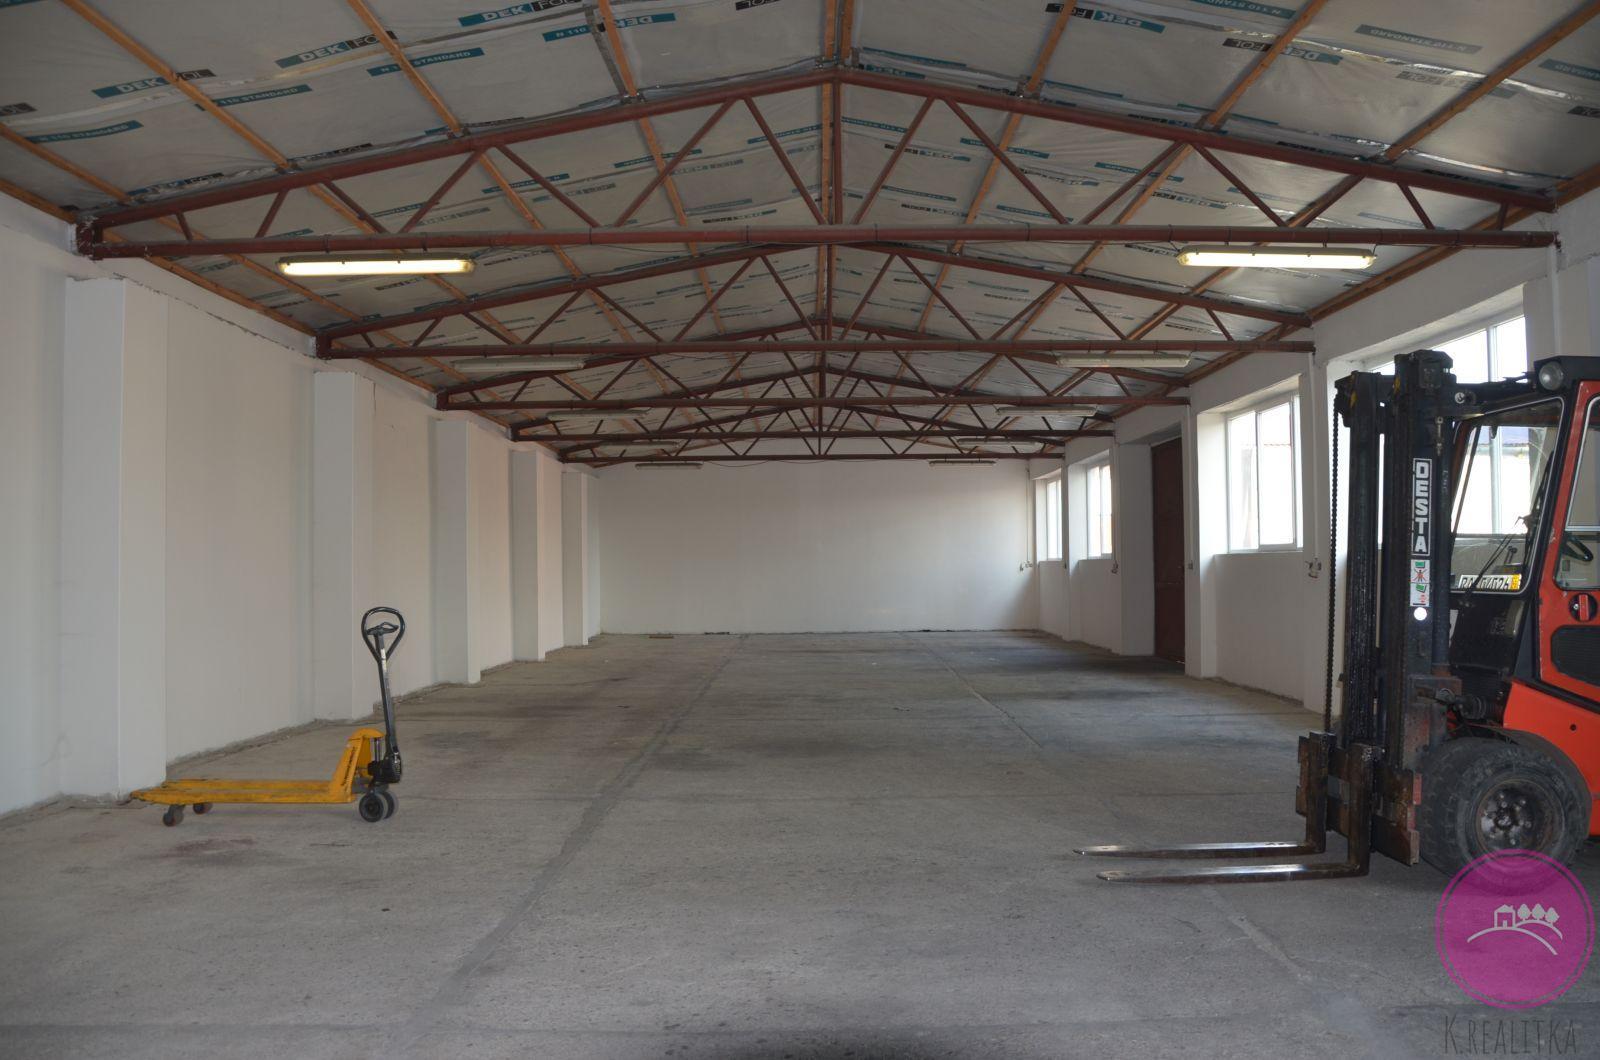 Pronájem skladového prostoru 300 m2 ve Štěpánově